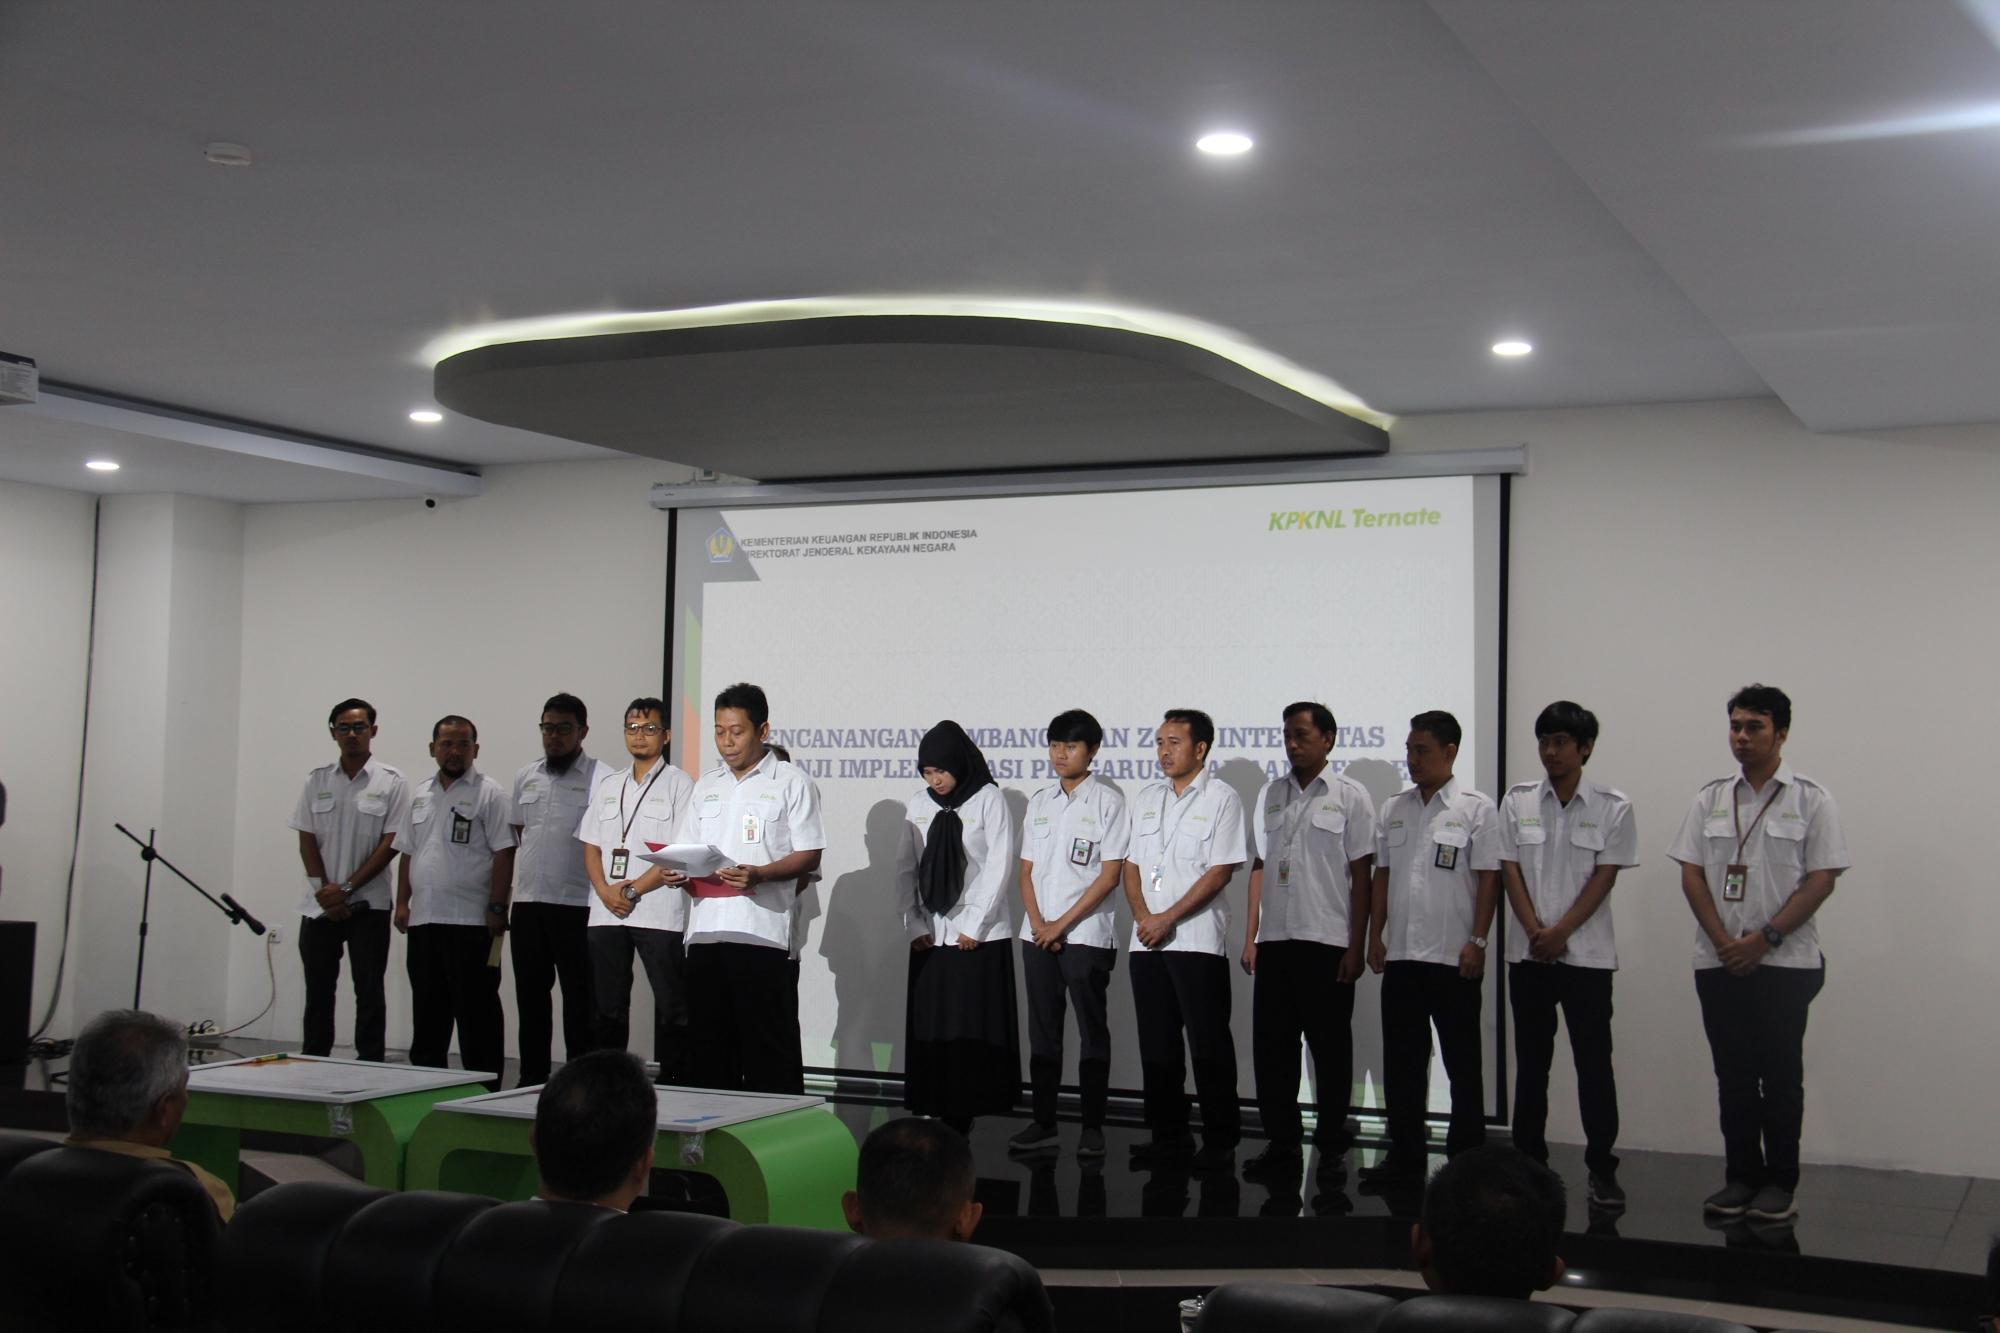 KPKNL Ternate Lakukan Pencanangan WBK/WBBM dan Janji Implementasi PUG